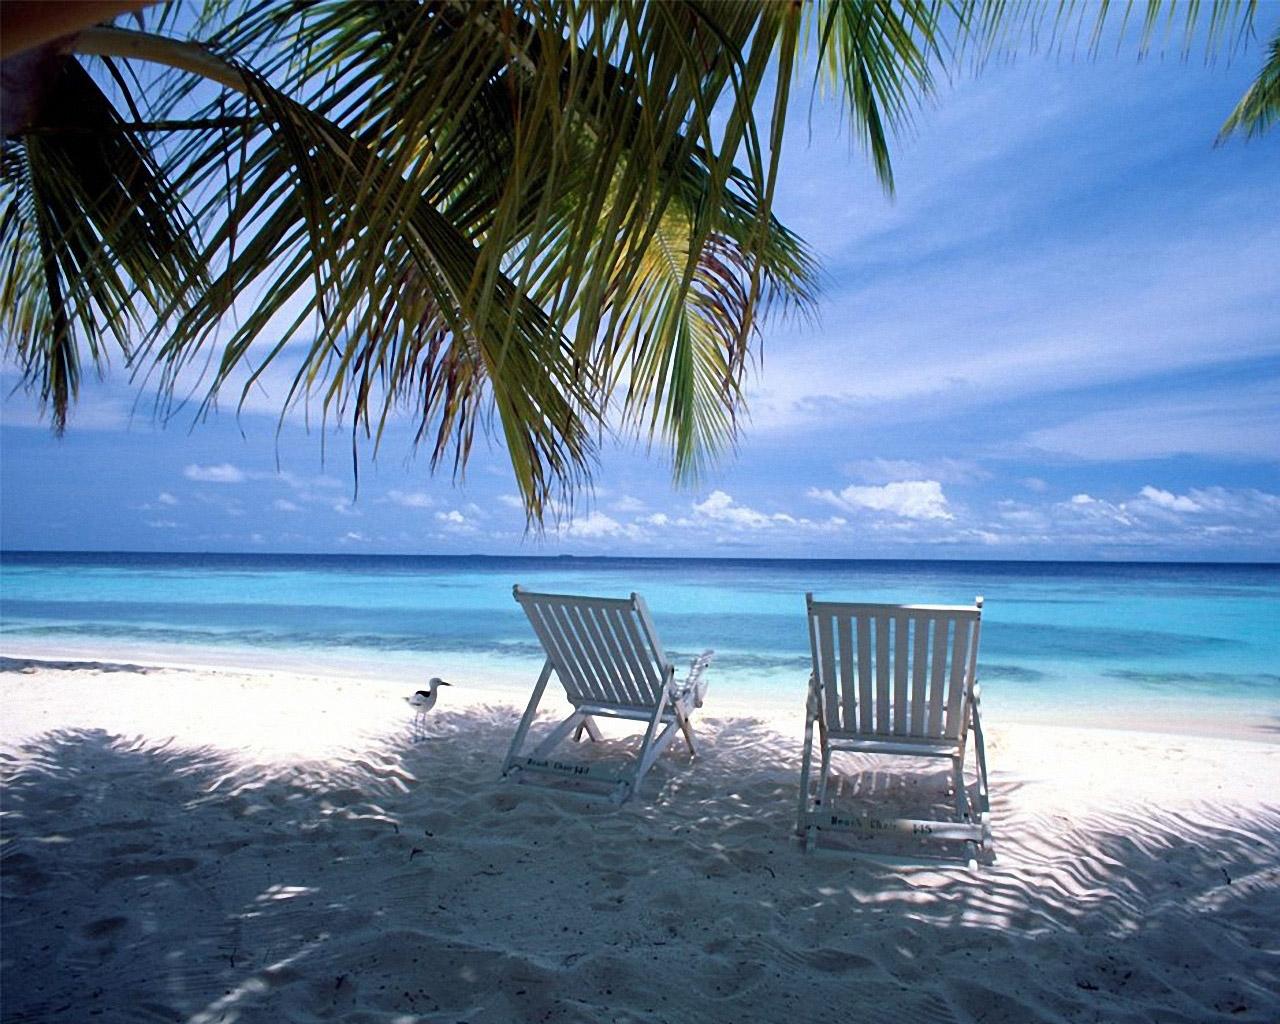 Beach Wallpaper Caribbean HD Wallpapers 1280x1024